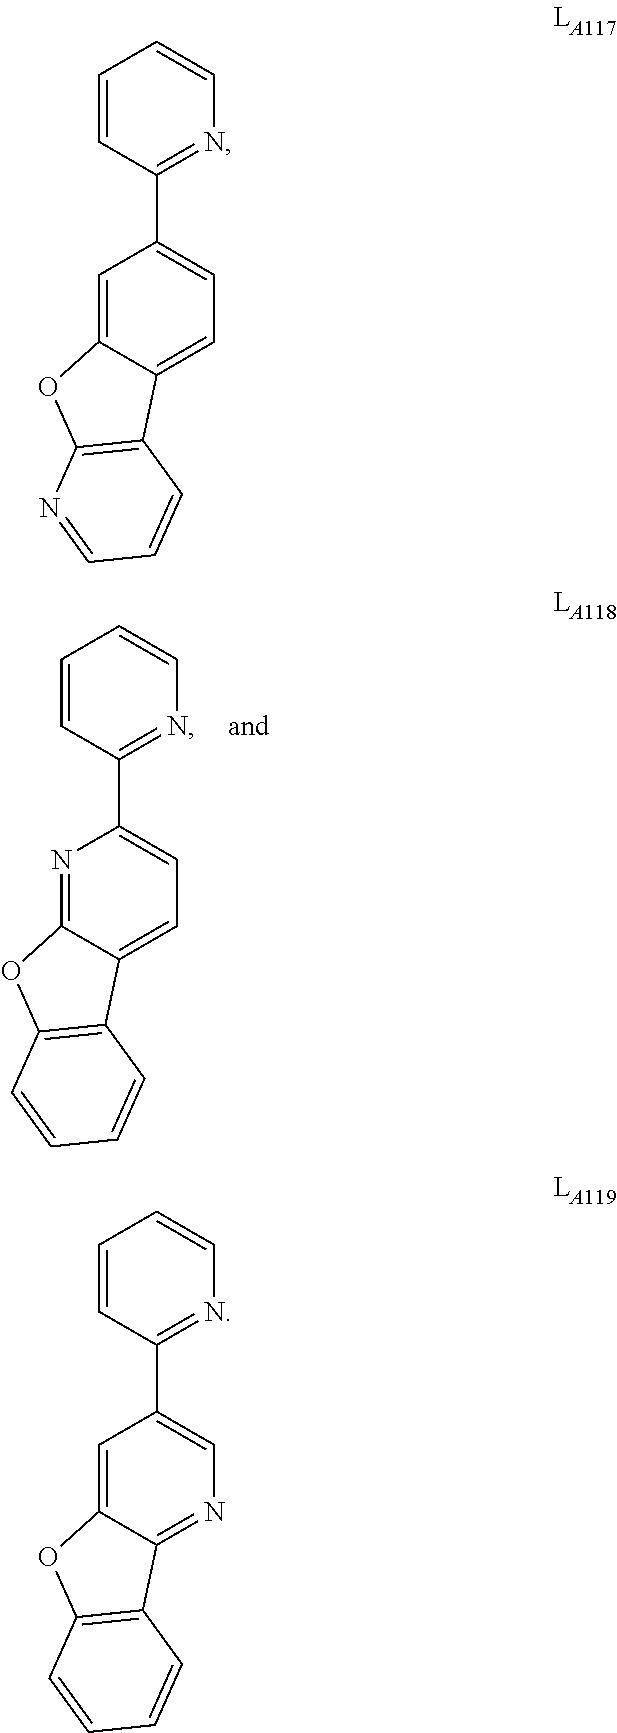 Figure US09634264-20170425-C00027